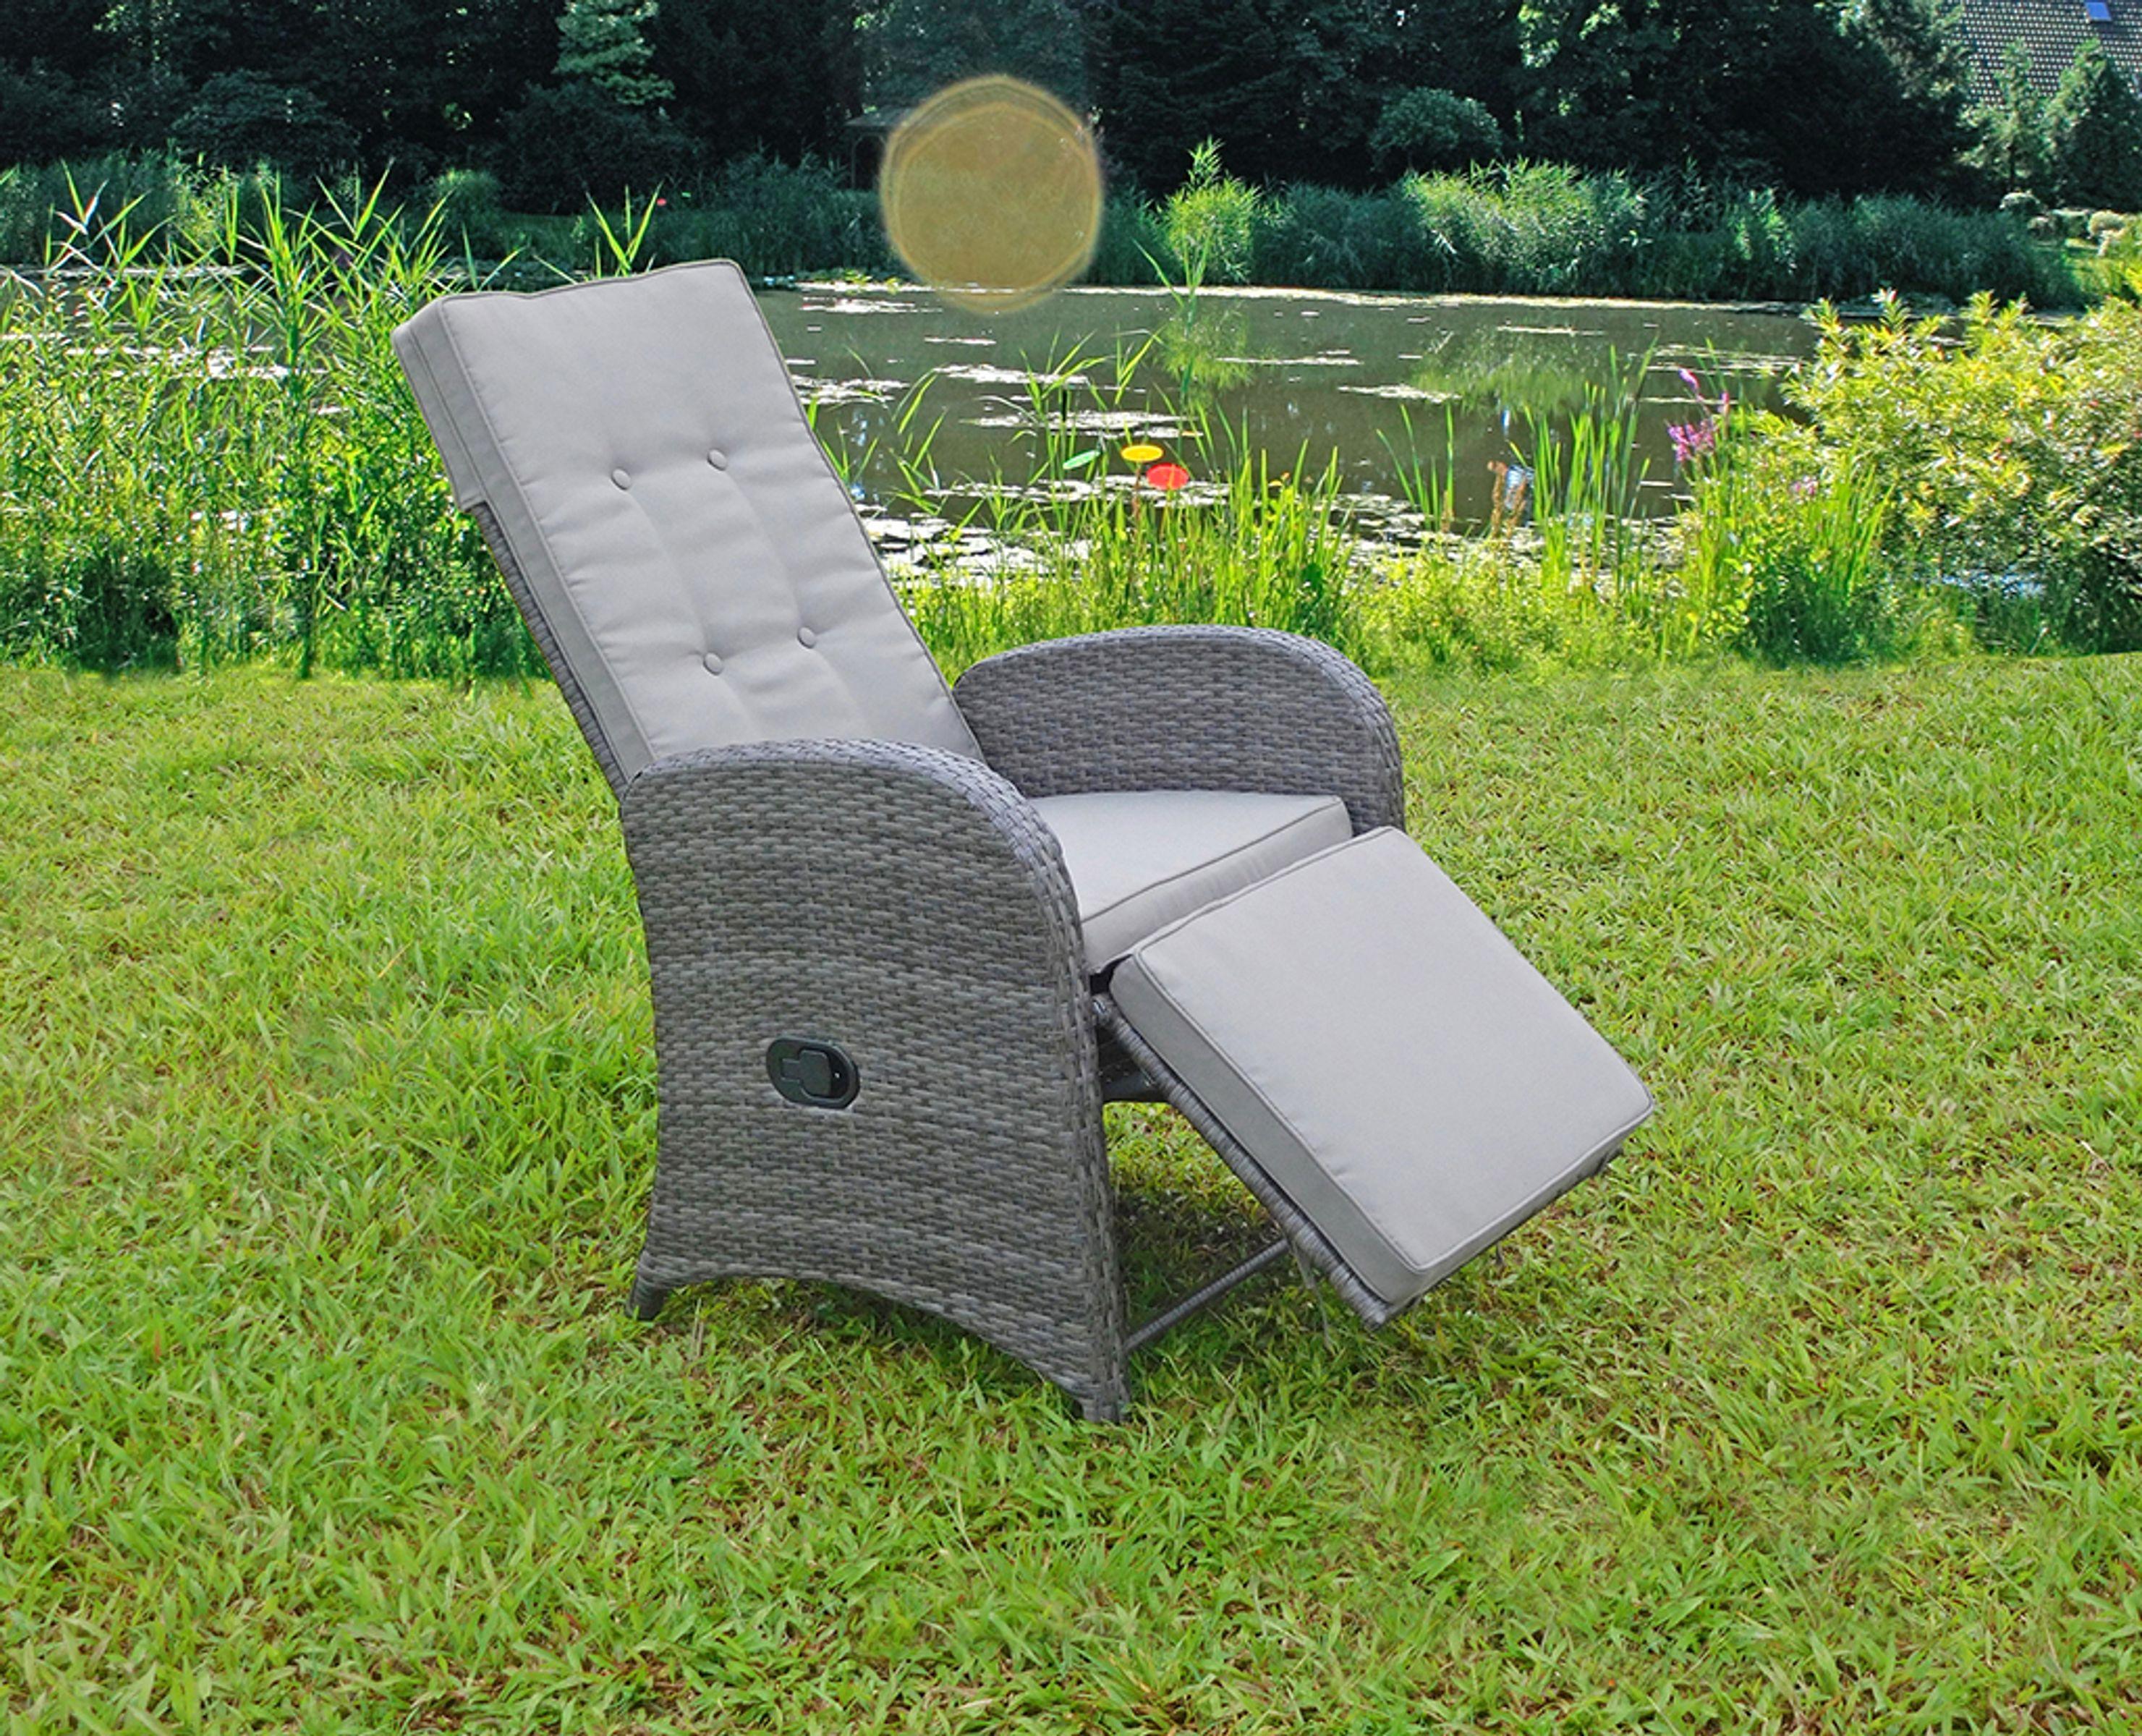 2 st ck relaxsessel sessel gartenstuhl gartenliege liegestuhl garten balkon garten baumarkt. Black Bedroom Furniture Sets. Home Design Ideas